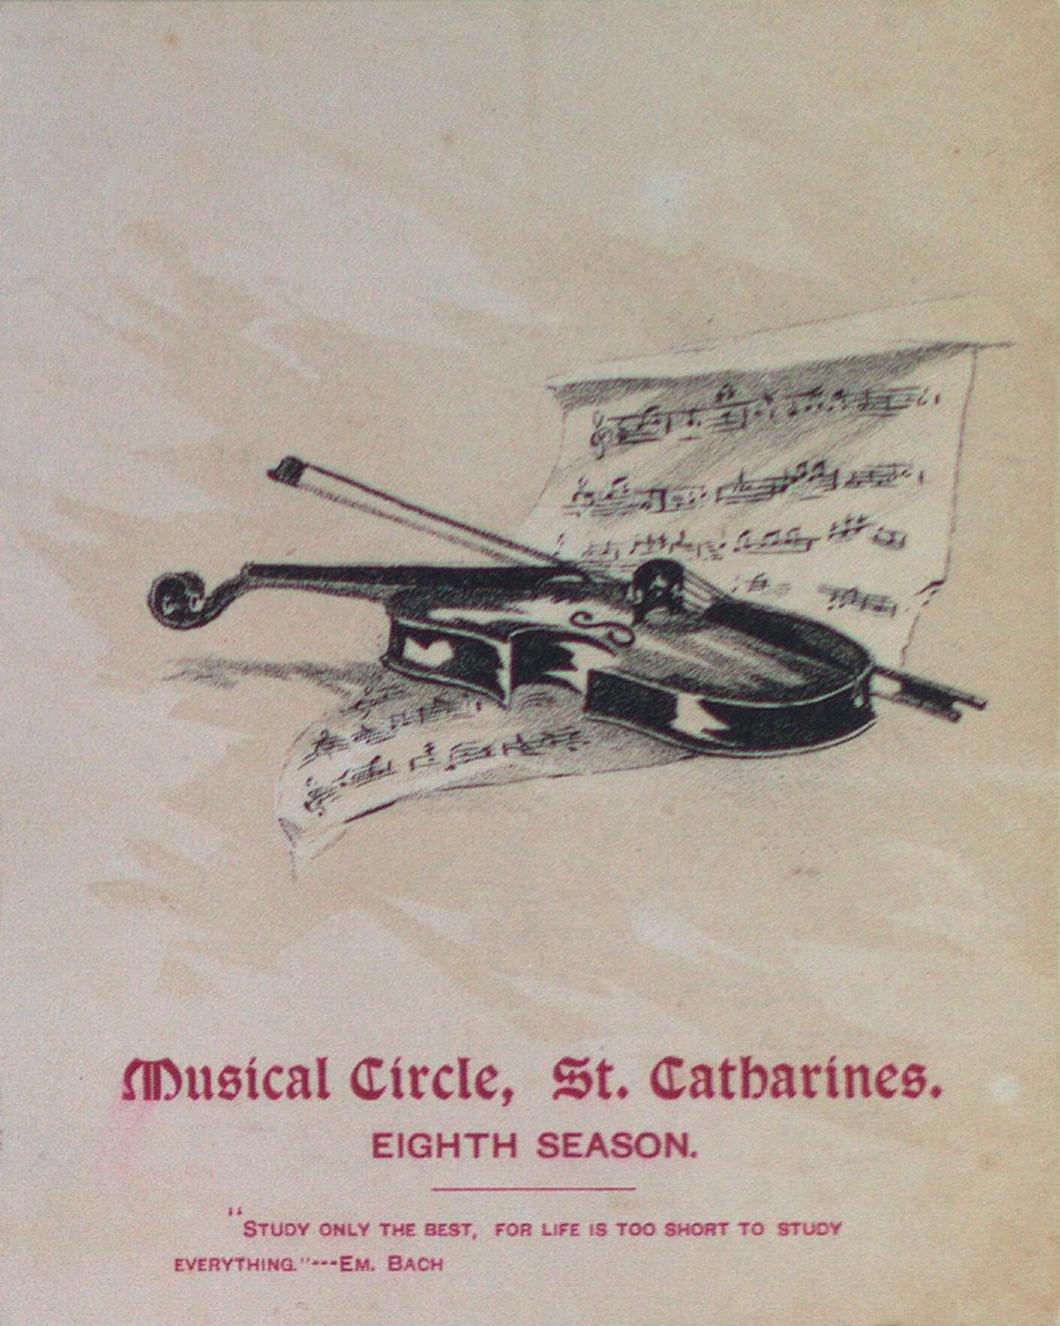 Teresa Vanderburgh's Musical Scrapbook #1 - Musical Circle St. Catharines Eighth Season Schedule of Events